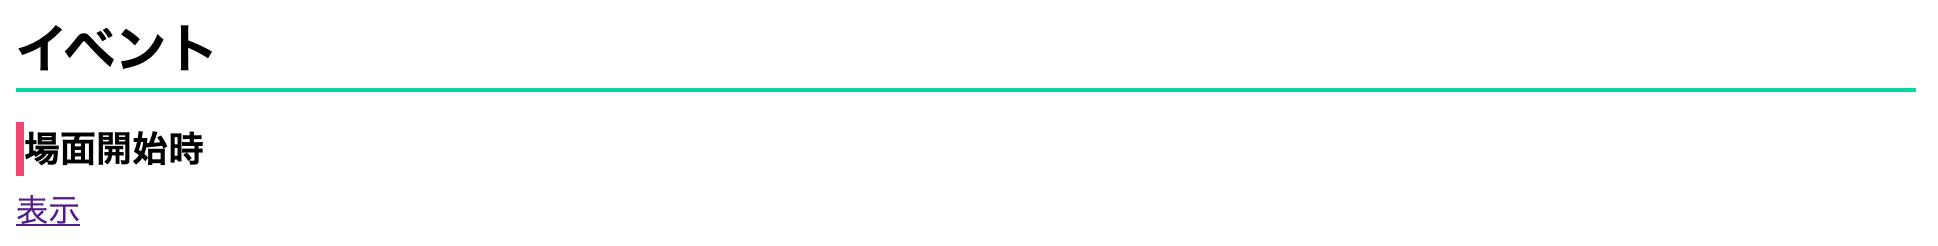 スクリーンショット 2020-06-13 09.45.28.png